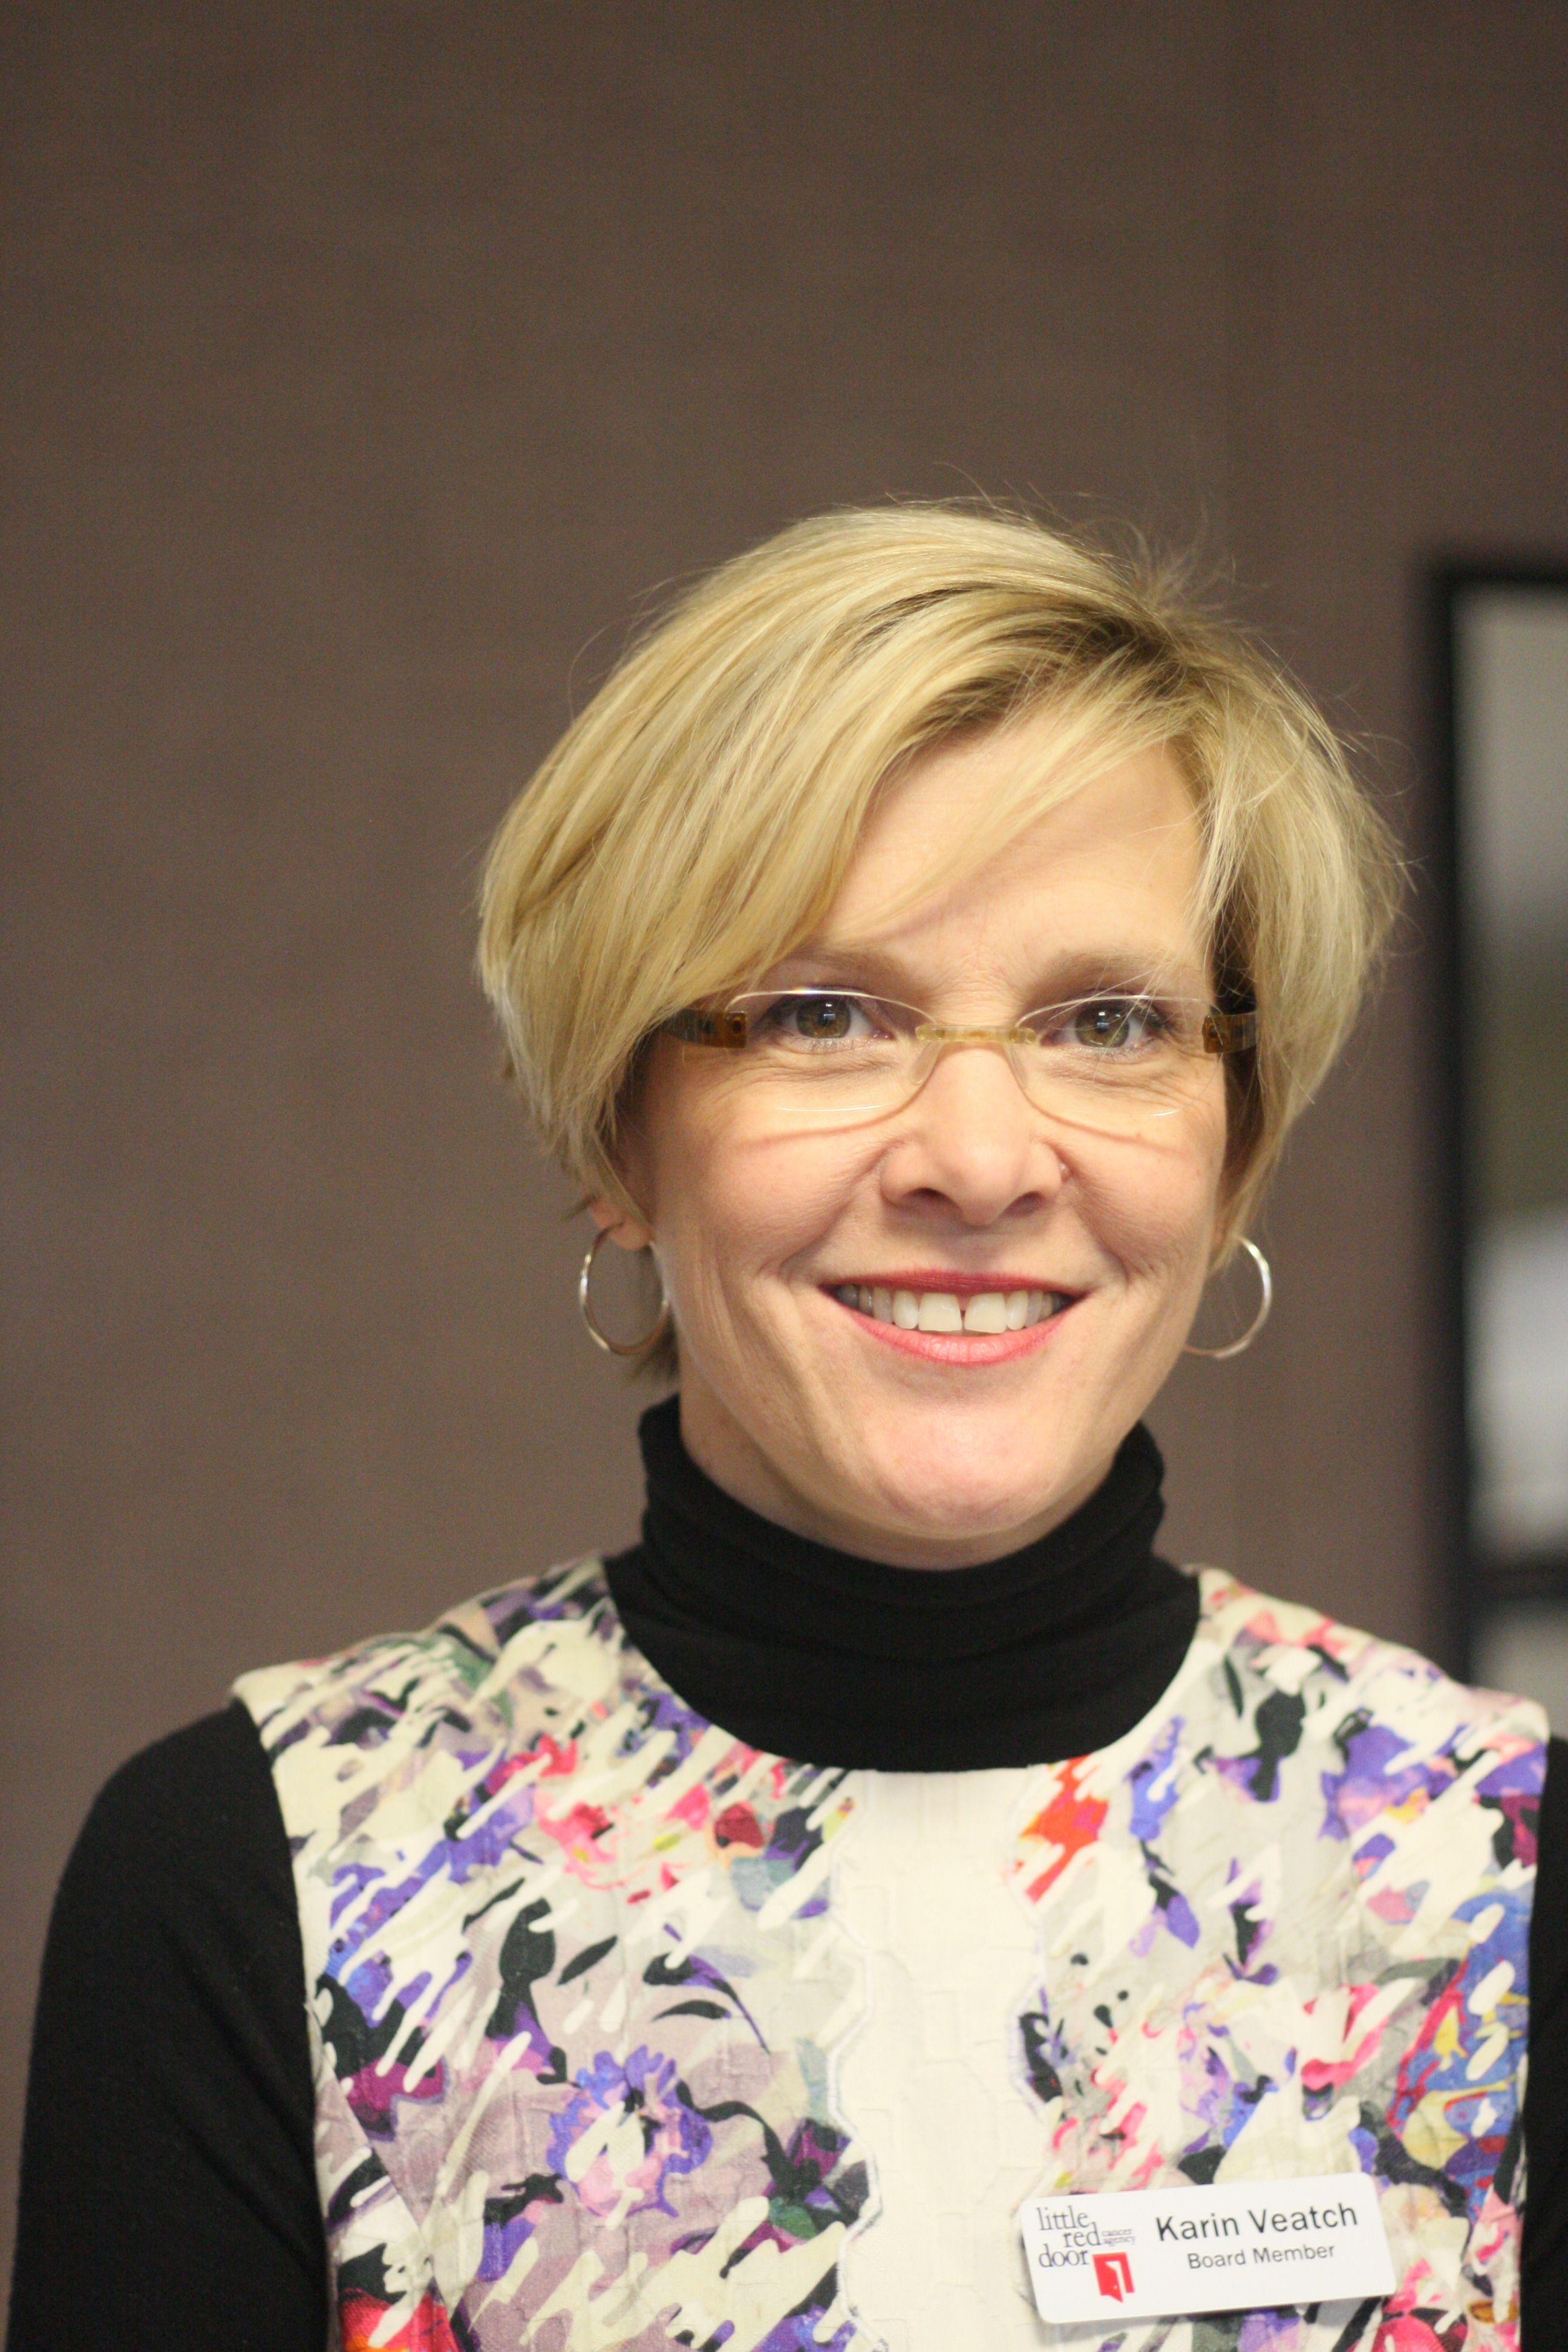 Board Member Karin Veatch, JP Red door, Little